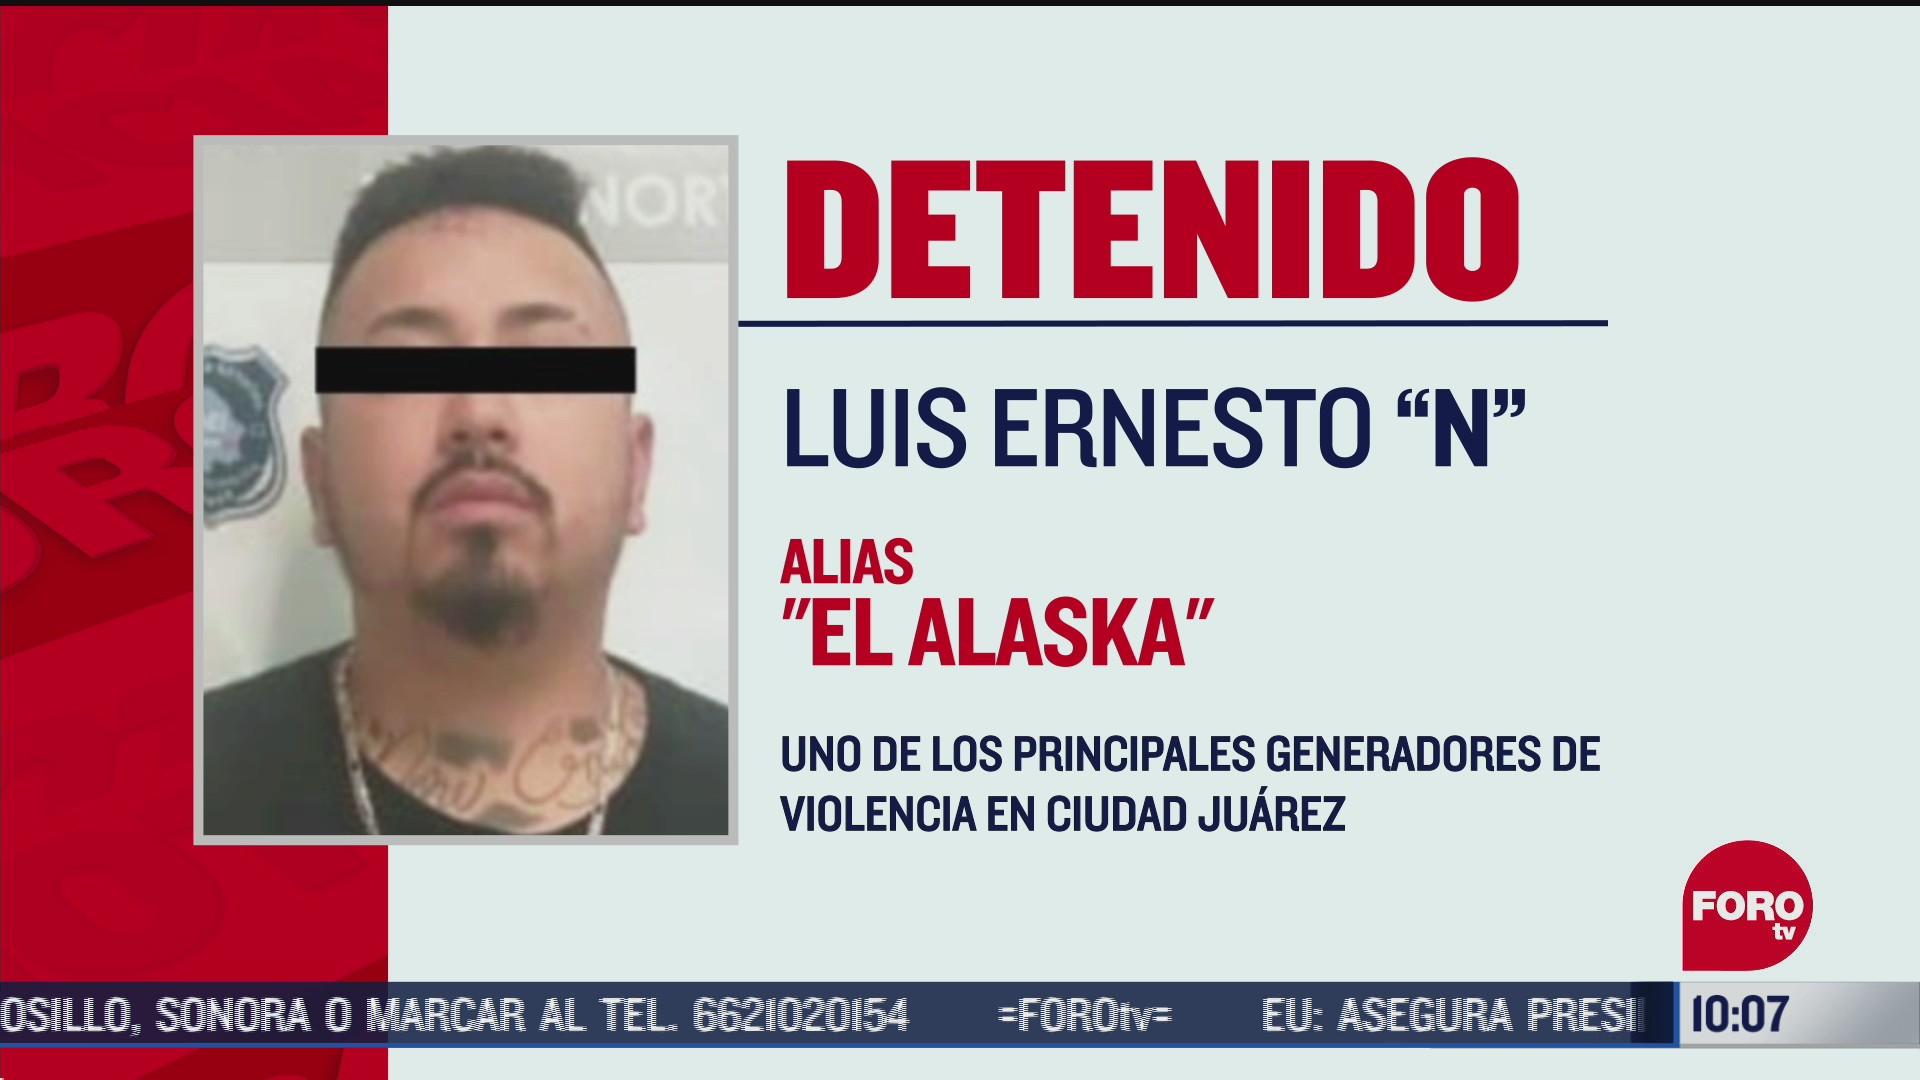 FOTO: 27 de junio 2020, detienen en chihuahua a el alaska generador de violencia en ciudad juarez